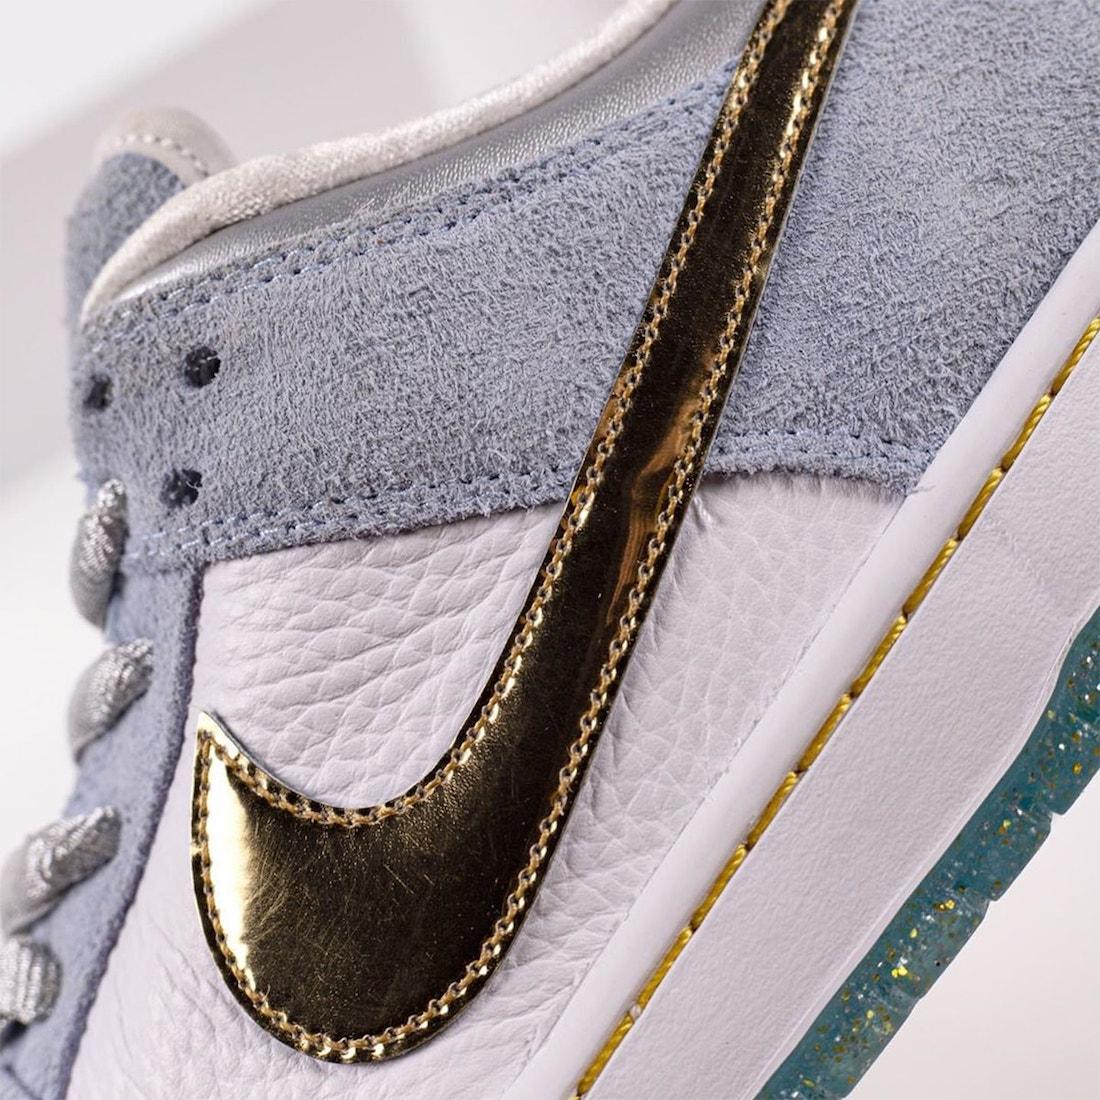 Sean-Cliver-Nike-SB-Dunk-Low-DC9936-100-nikelogo